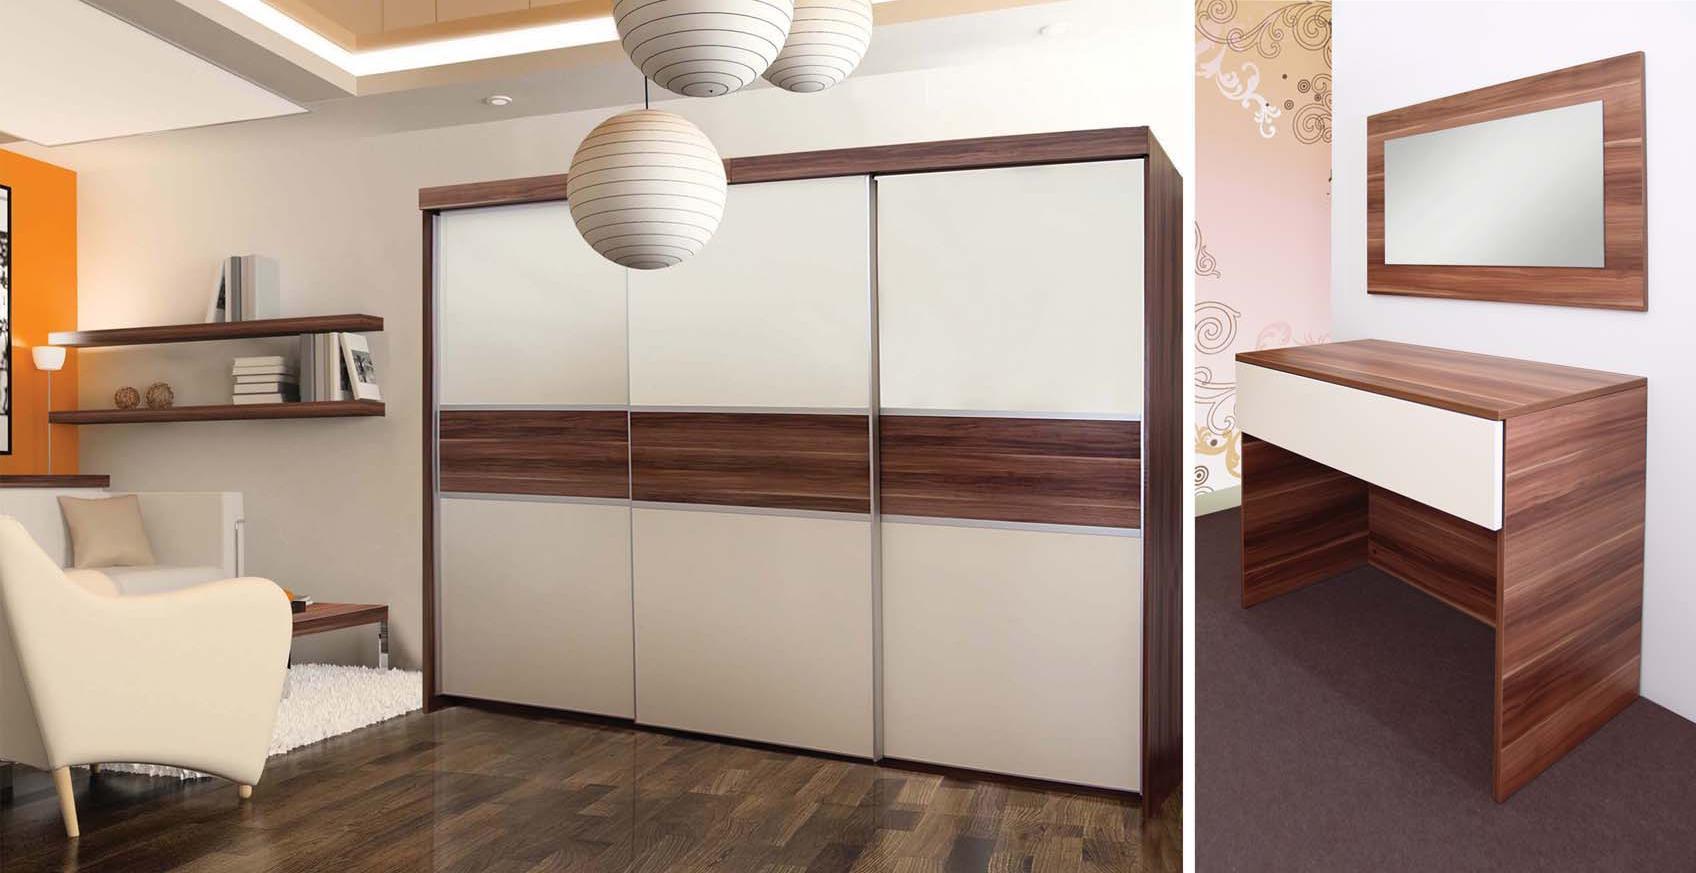 Arredamento camera da letto design 100 0 500 0 pezzi for Arredamento camper